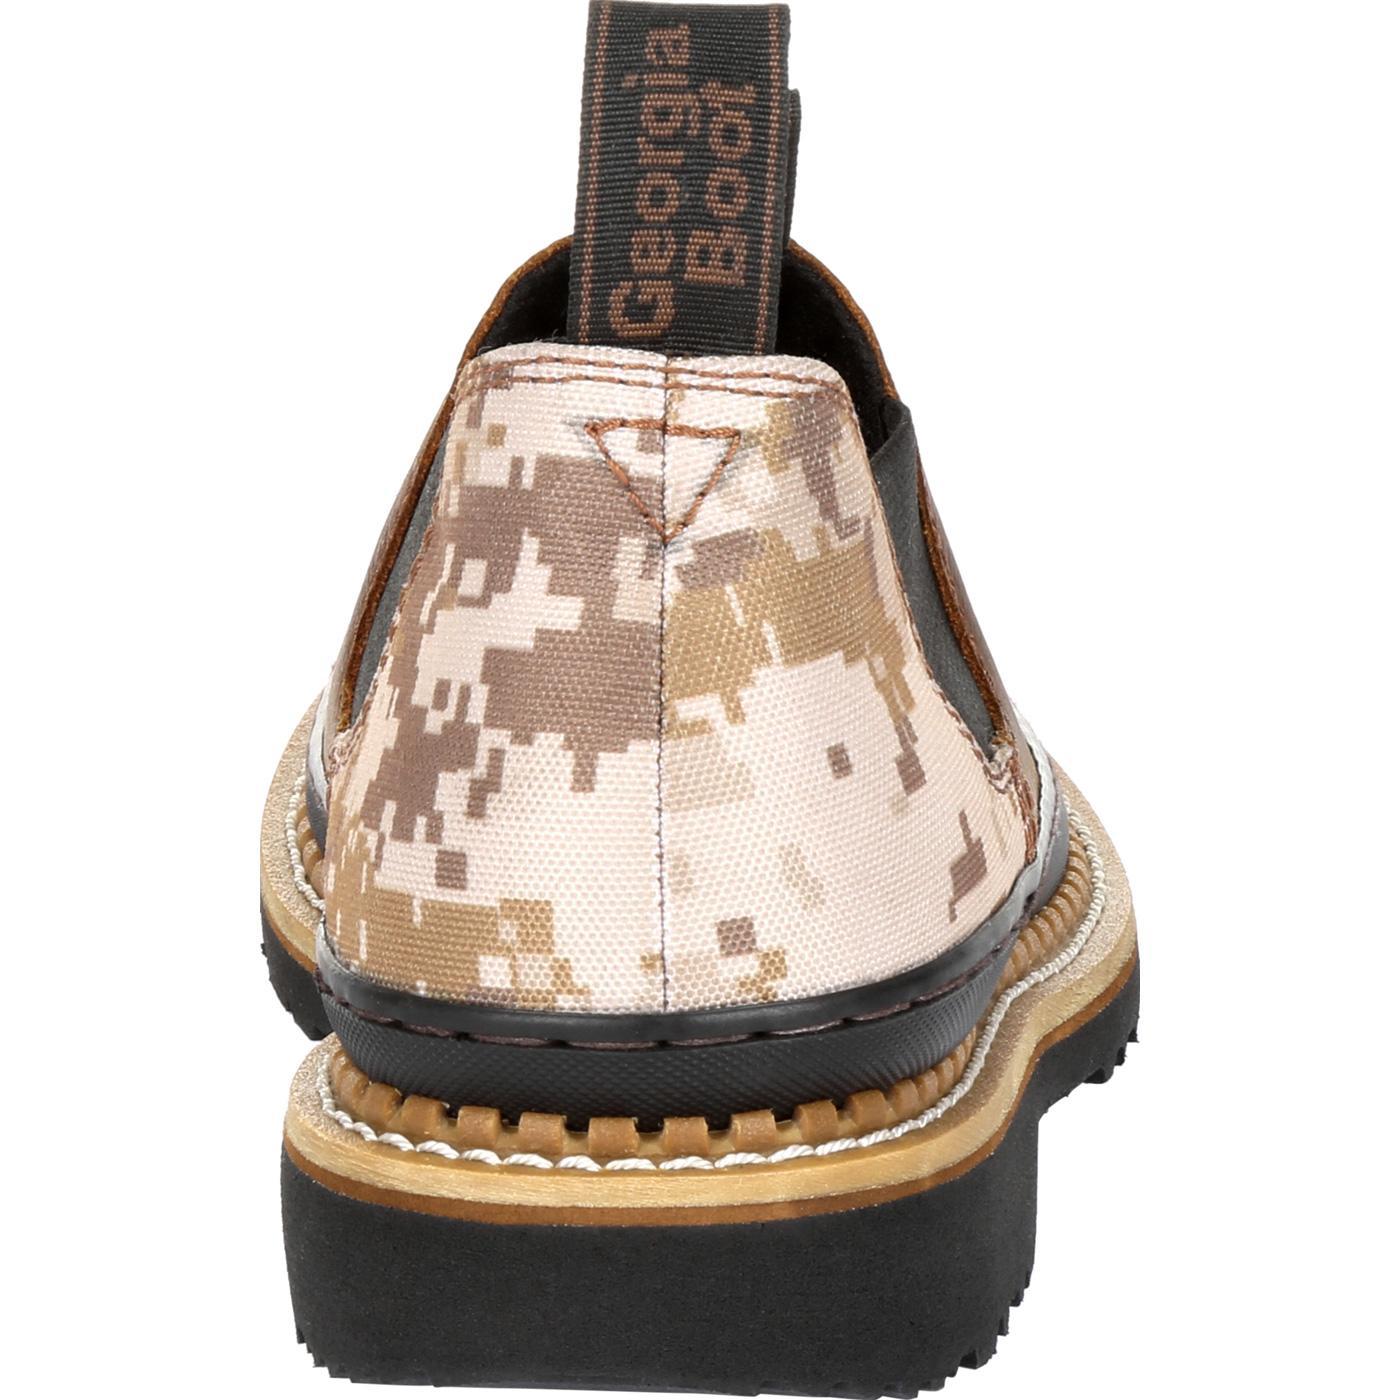 91d3487504430 Georgia Boot Georgia Giant Desert Camo Romeo, #GB00277